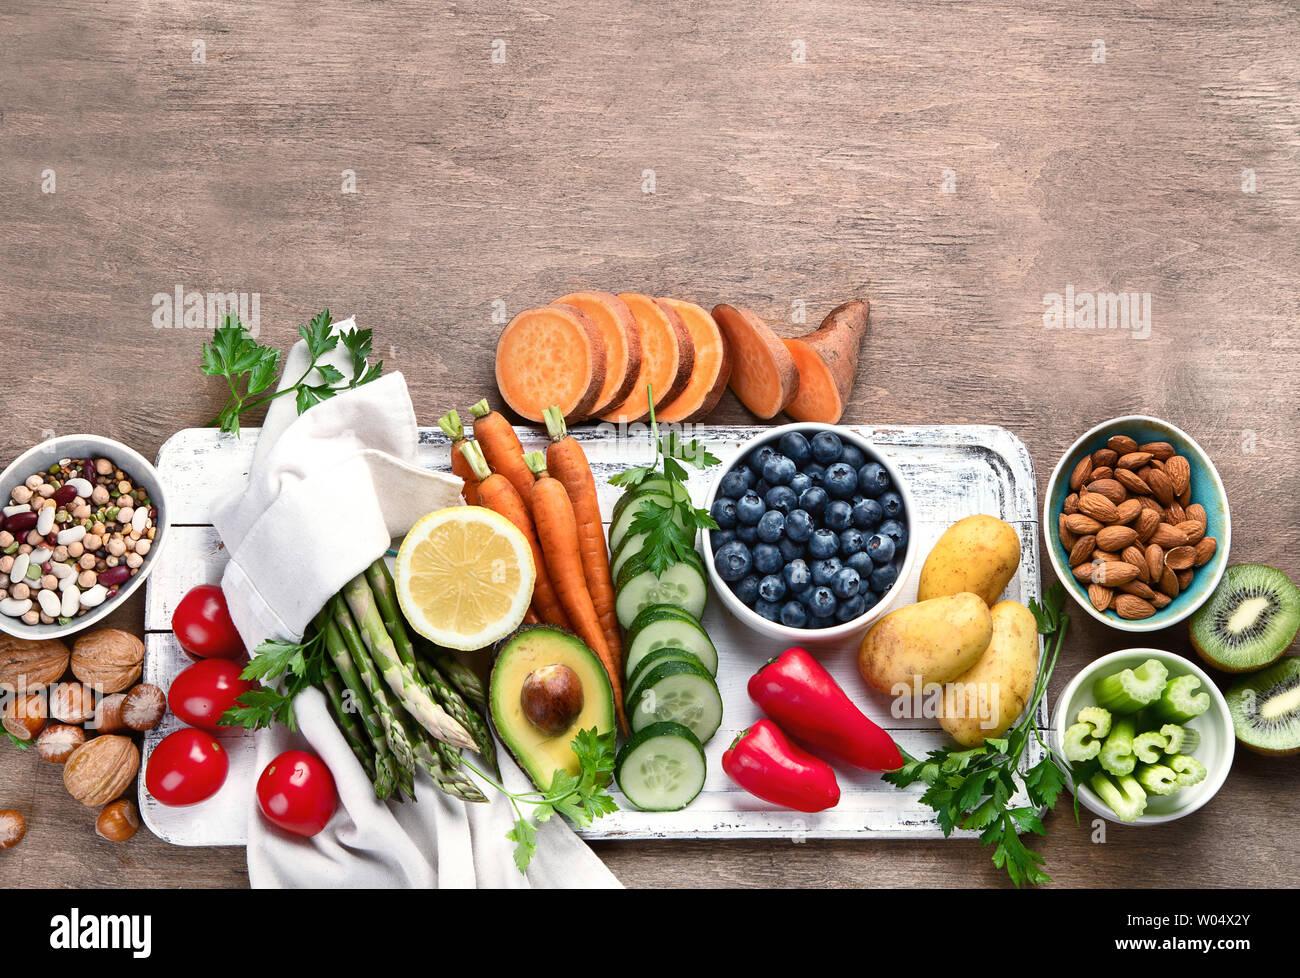 Best High Alkaline Foods.  Vegan, alkaline diet concept. Top view with copy space Stock Photo